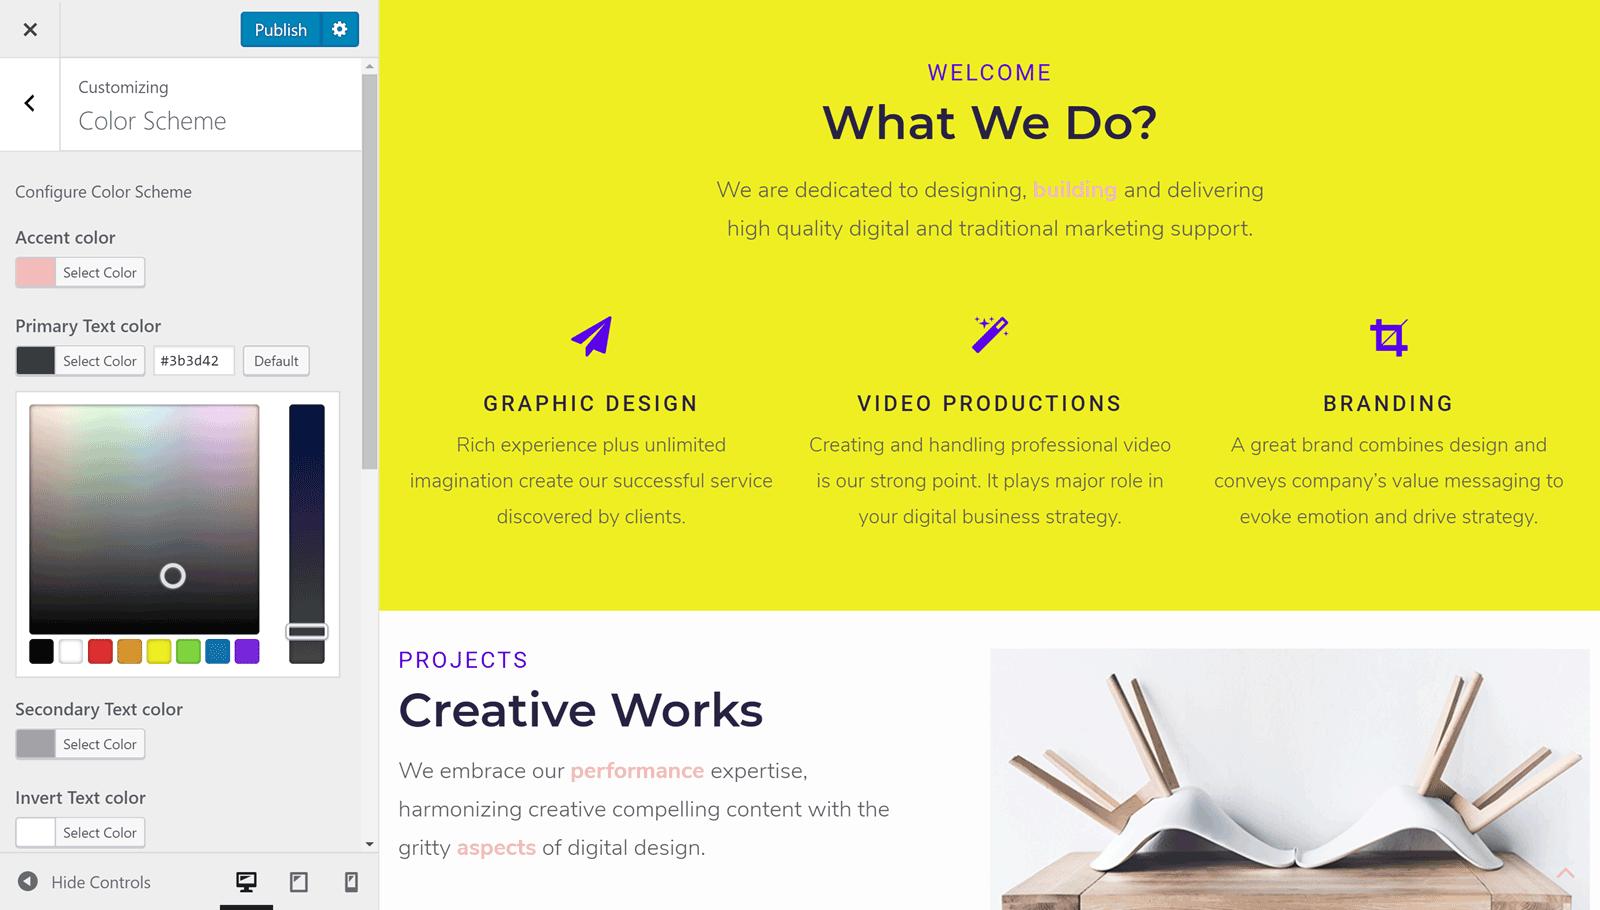 """Personnaliseur """"width ="""" 1600 """"height ="""" 910 """"srcset ="""" https://webypress.fr/wp-content/uploads/2019/05/1557565985_723_Crocoblock-Review-–-Create-Any-Type-of-WordPress-Website.png 1600w, https://colorlib.com/ wp / wp-content / uploads / sites / 2 / Crocoblock-Customizer-300x171.png 300w, https://colorlib.com/wp/wp/content/uploads/sites/2/Crocoblock-Customizer-768x437.png 768w, https://colorlib.com/wp/wp-content/uploads/sites/2/Crocoblock-Customizer-1024x582.png 1024w, https://colorlib.com/wp/wp-content/uploads/sites/2/Crocoblock -Customizer-600x341.png 600w """"tailles ="""" (largeur maximale: 1600px) 100vw, 1600px """"/></noscript></p> <p>Grâce à un bon niveau de compatibilité avec l'outil WordPress Customizer, vous pouvez apporter de nombreuses modifications à votre site via une interface intuitive. Les polices, les images d'arrière-plan et les paramètres de disposition ne sont que quelques-unes des propriétés que vous pouvez personnaliser avec Crocoblock.</p> <h3>Elementor Visual Content Editor</h3> <p>Comme mentionné précédemment dans cette revue Crocoblock, comme ce paquet a été construit autour de la <a href="""